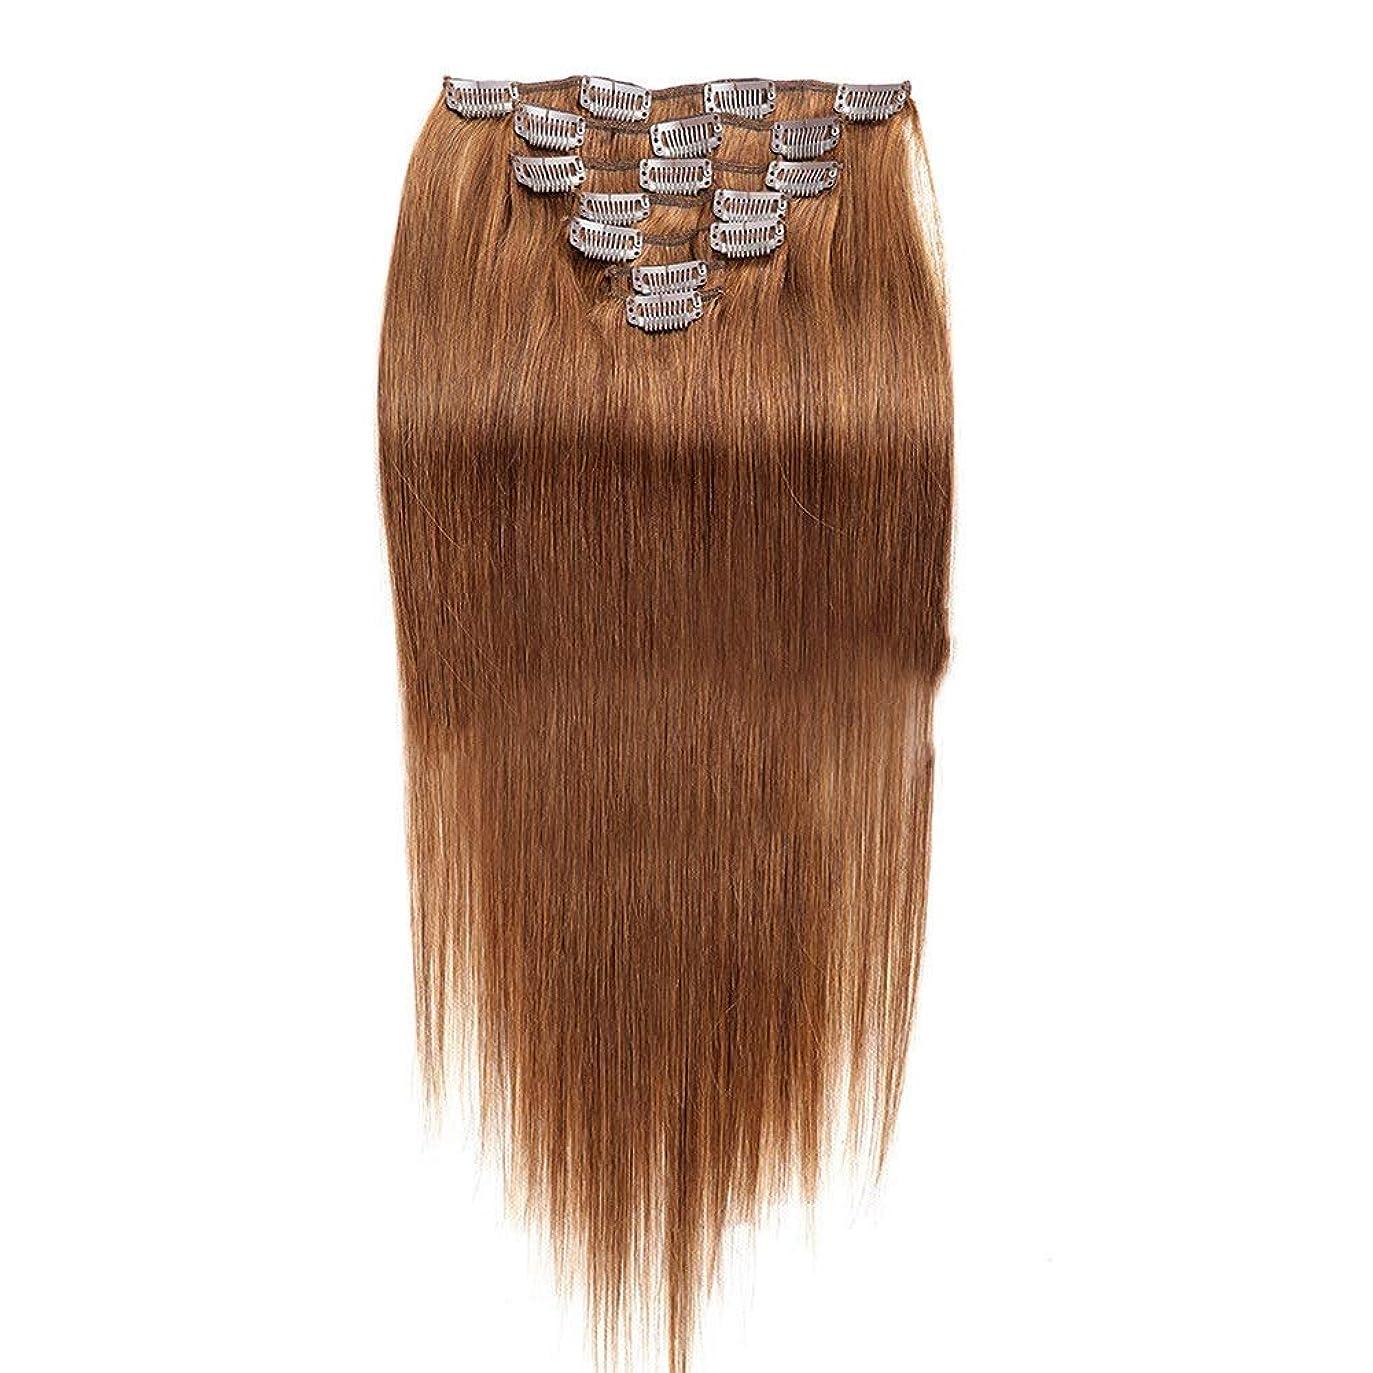 すべて守る解放YESONEEP 100%人毛用ヘアエクステンションダブル横糸フルヘッド(7個、#6ブラウン、20インチ、70g)かつら (Color : #6 Brown)